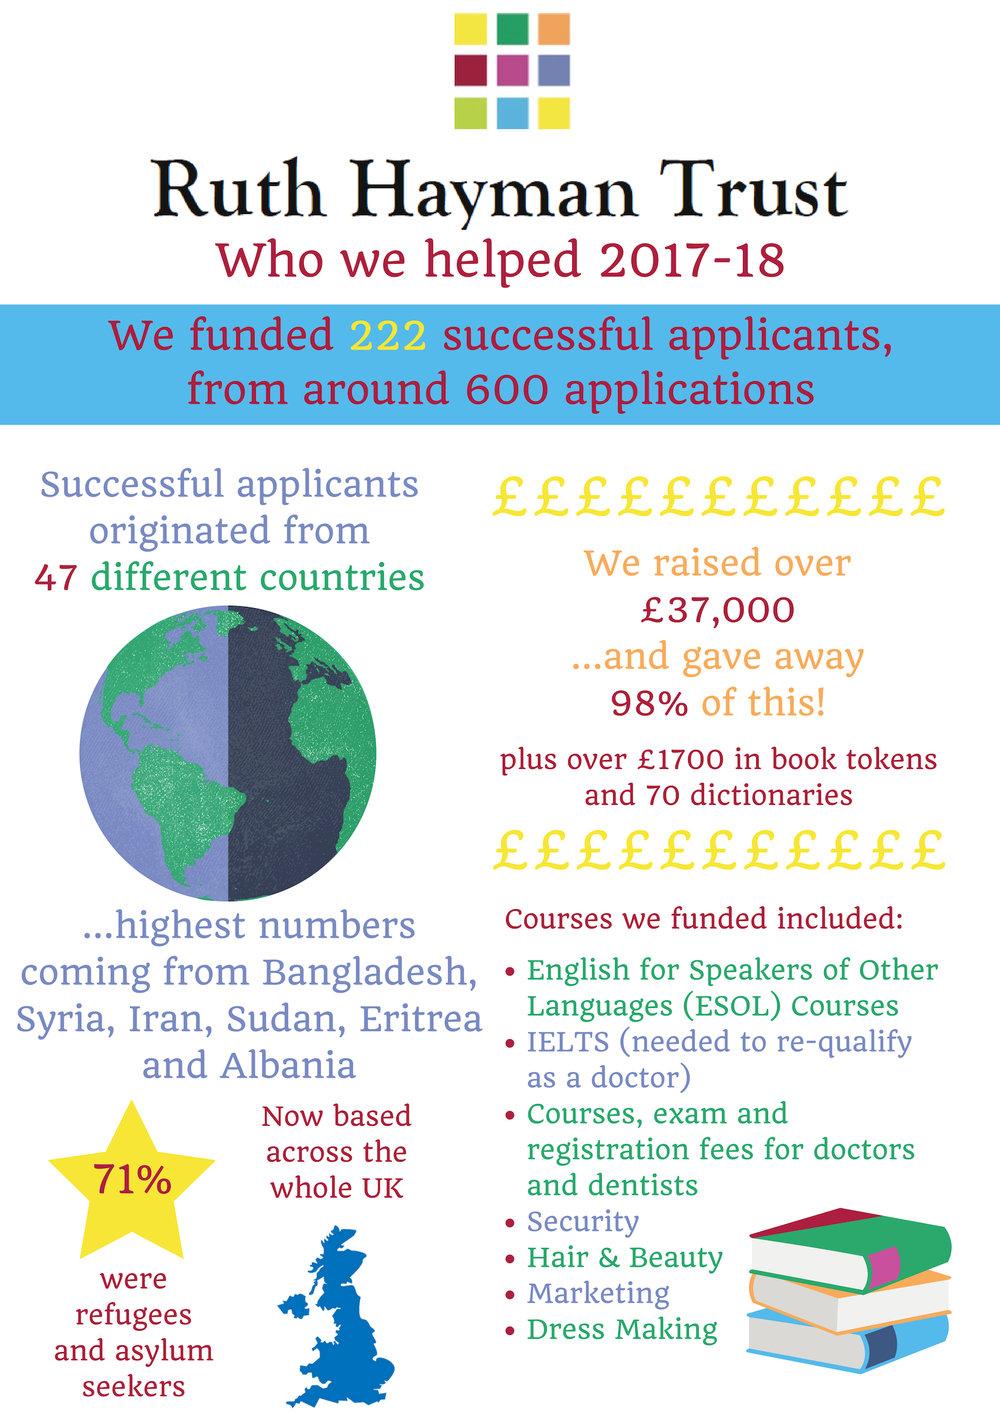 RHT - Who we helped 2017-18 (image) updated.jpg